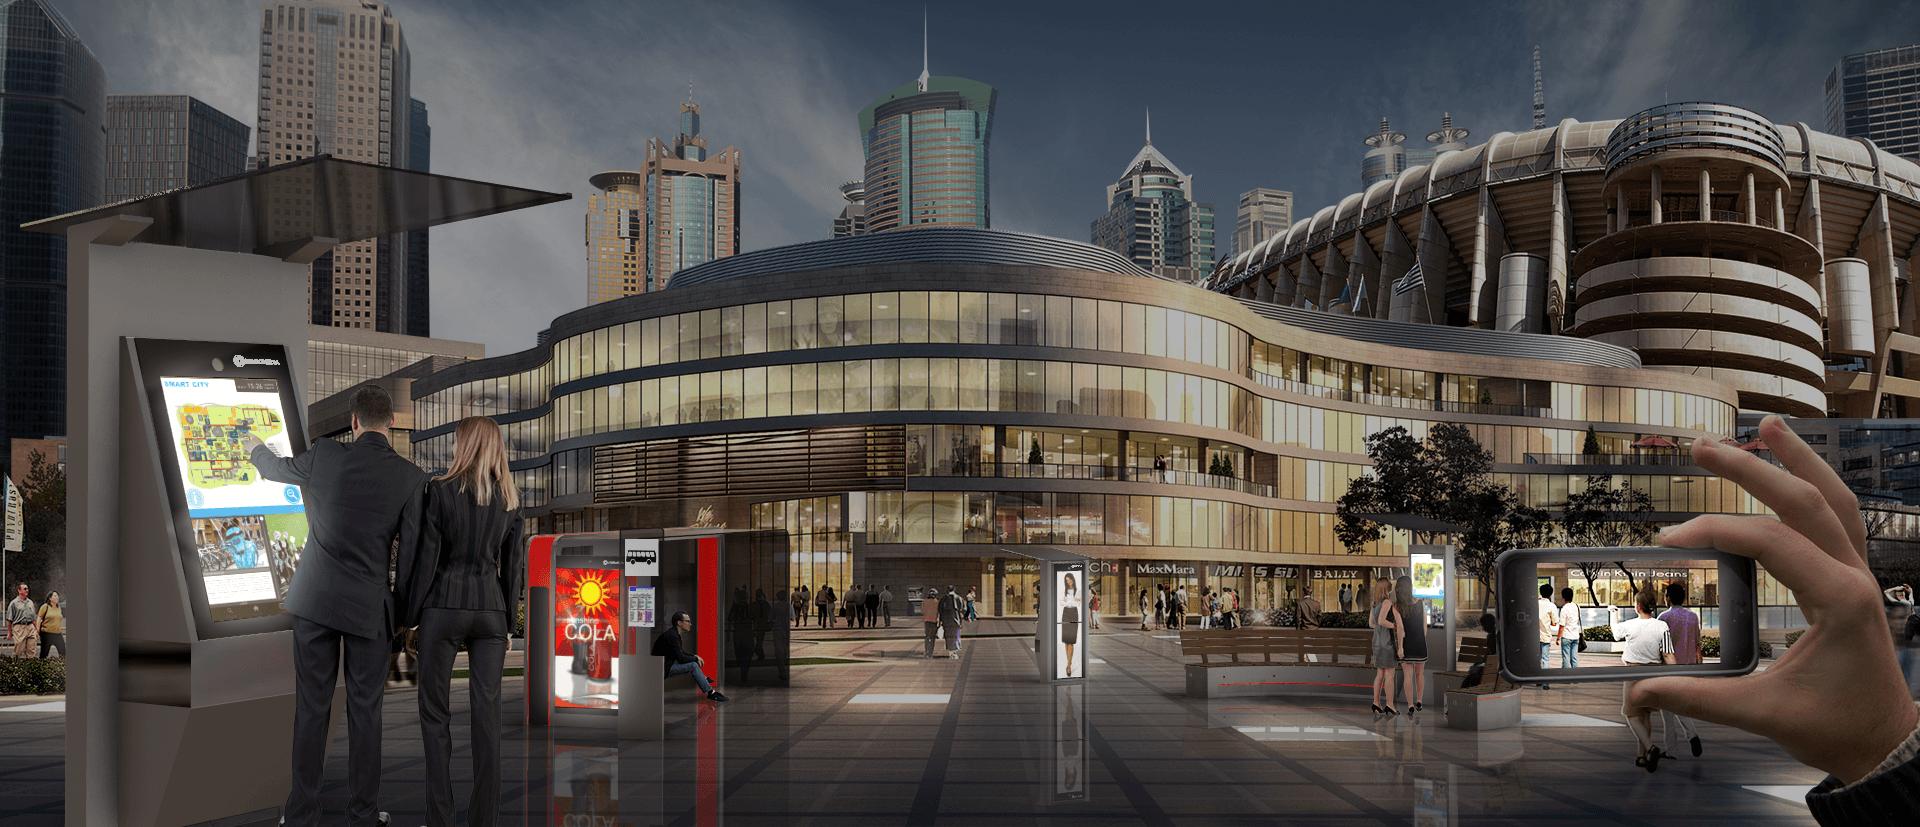 Smart City - Globális hálózat